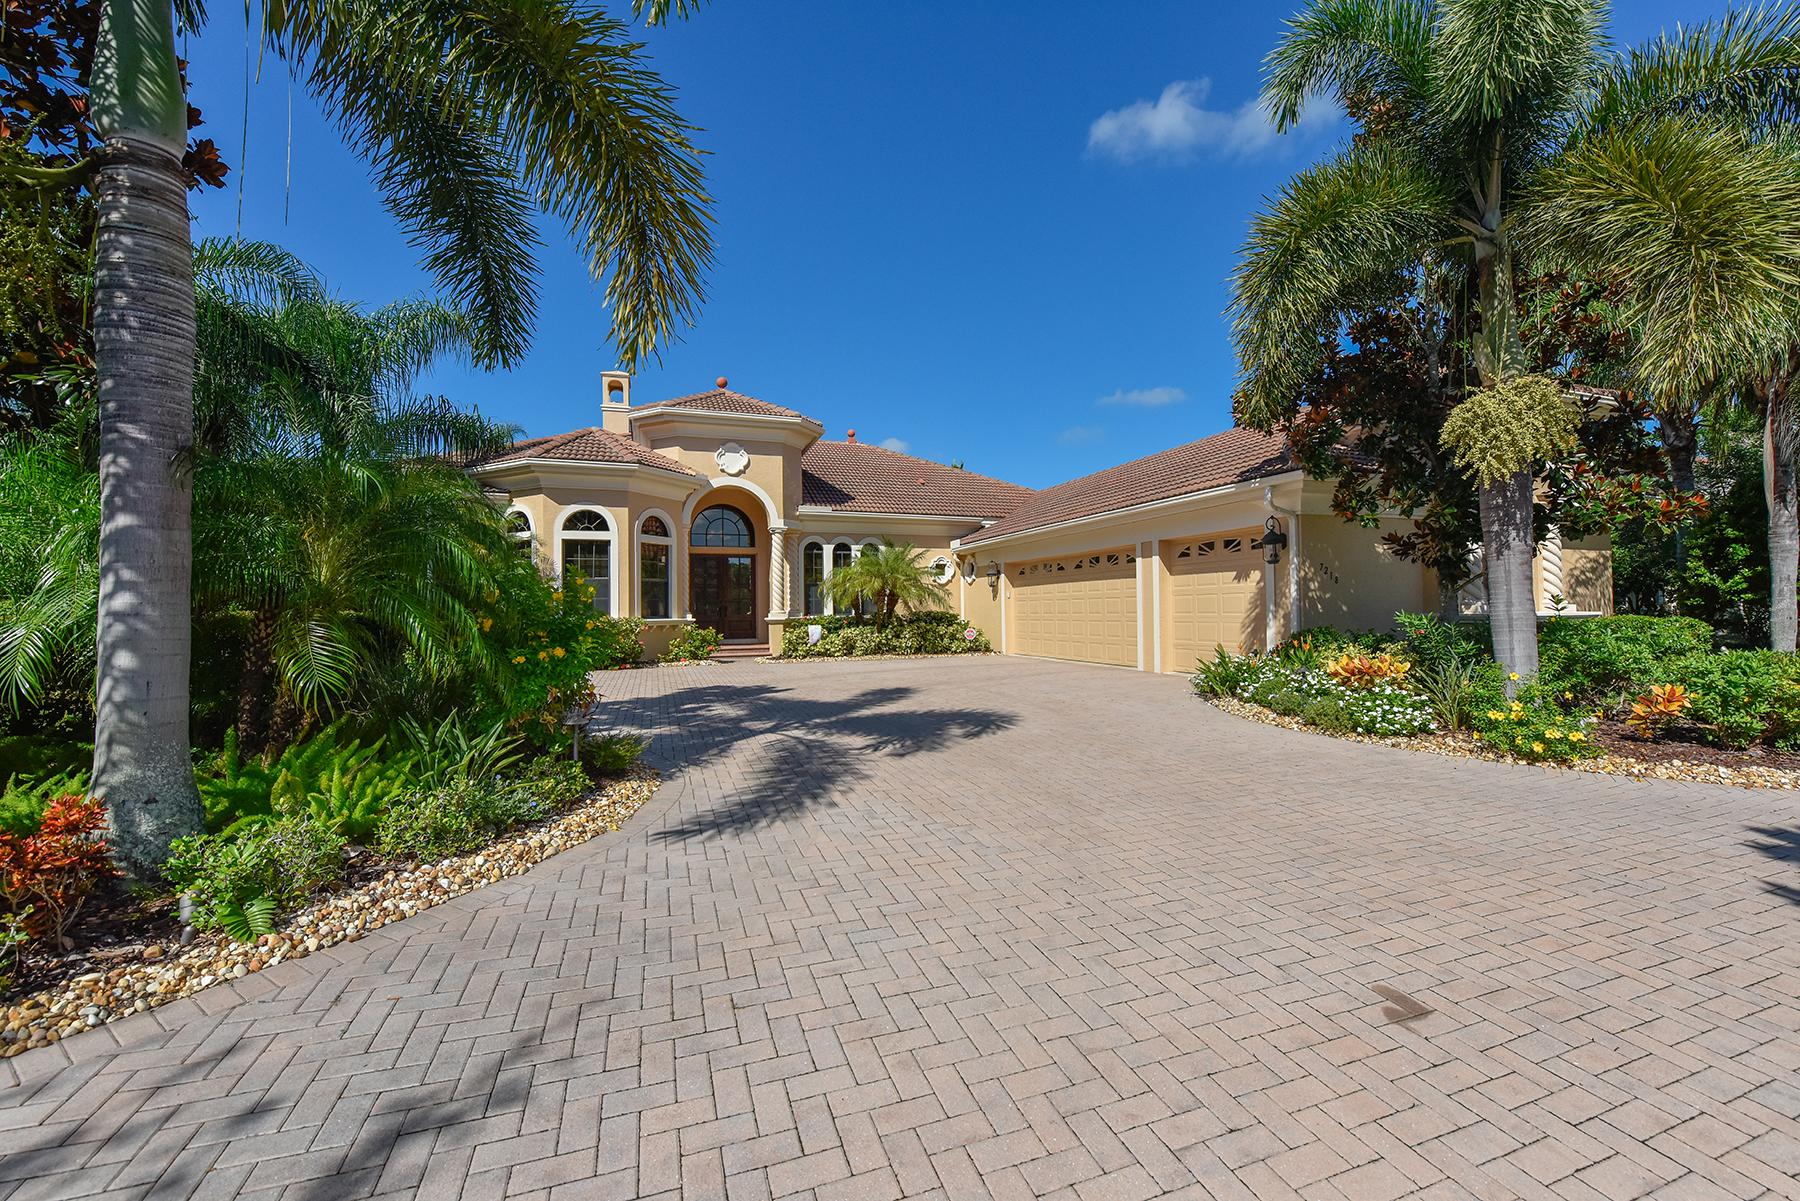 独户住宅 为 销售 在 LAKEWOOD RANCH 7218 Teal Creek 莱克伍德牧场, 佛罗里达州, 34202 美国